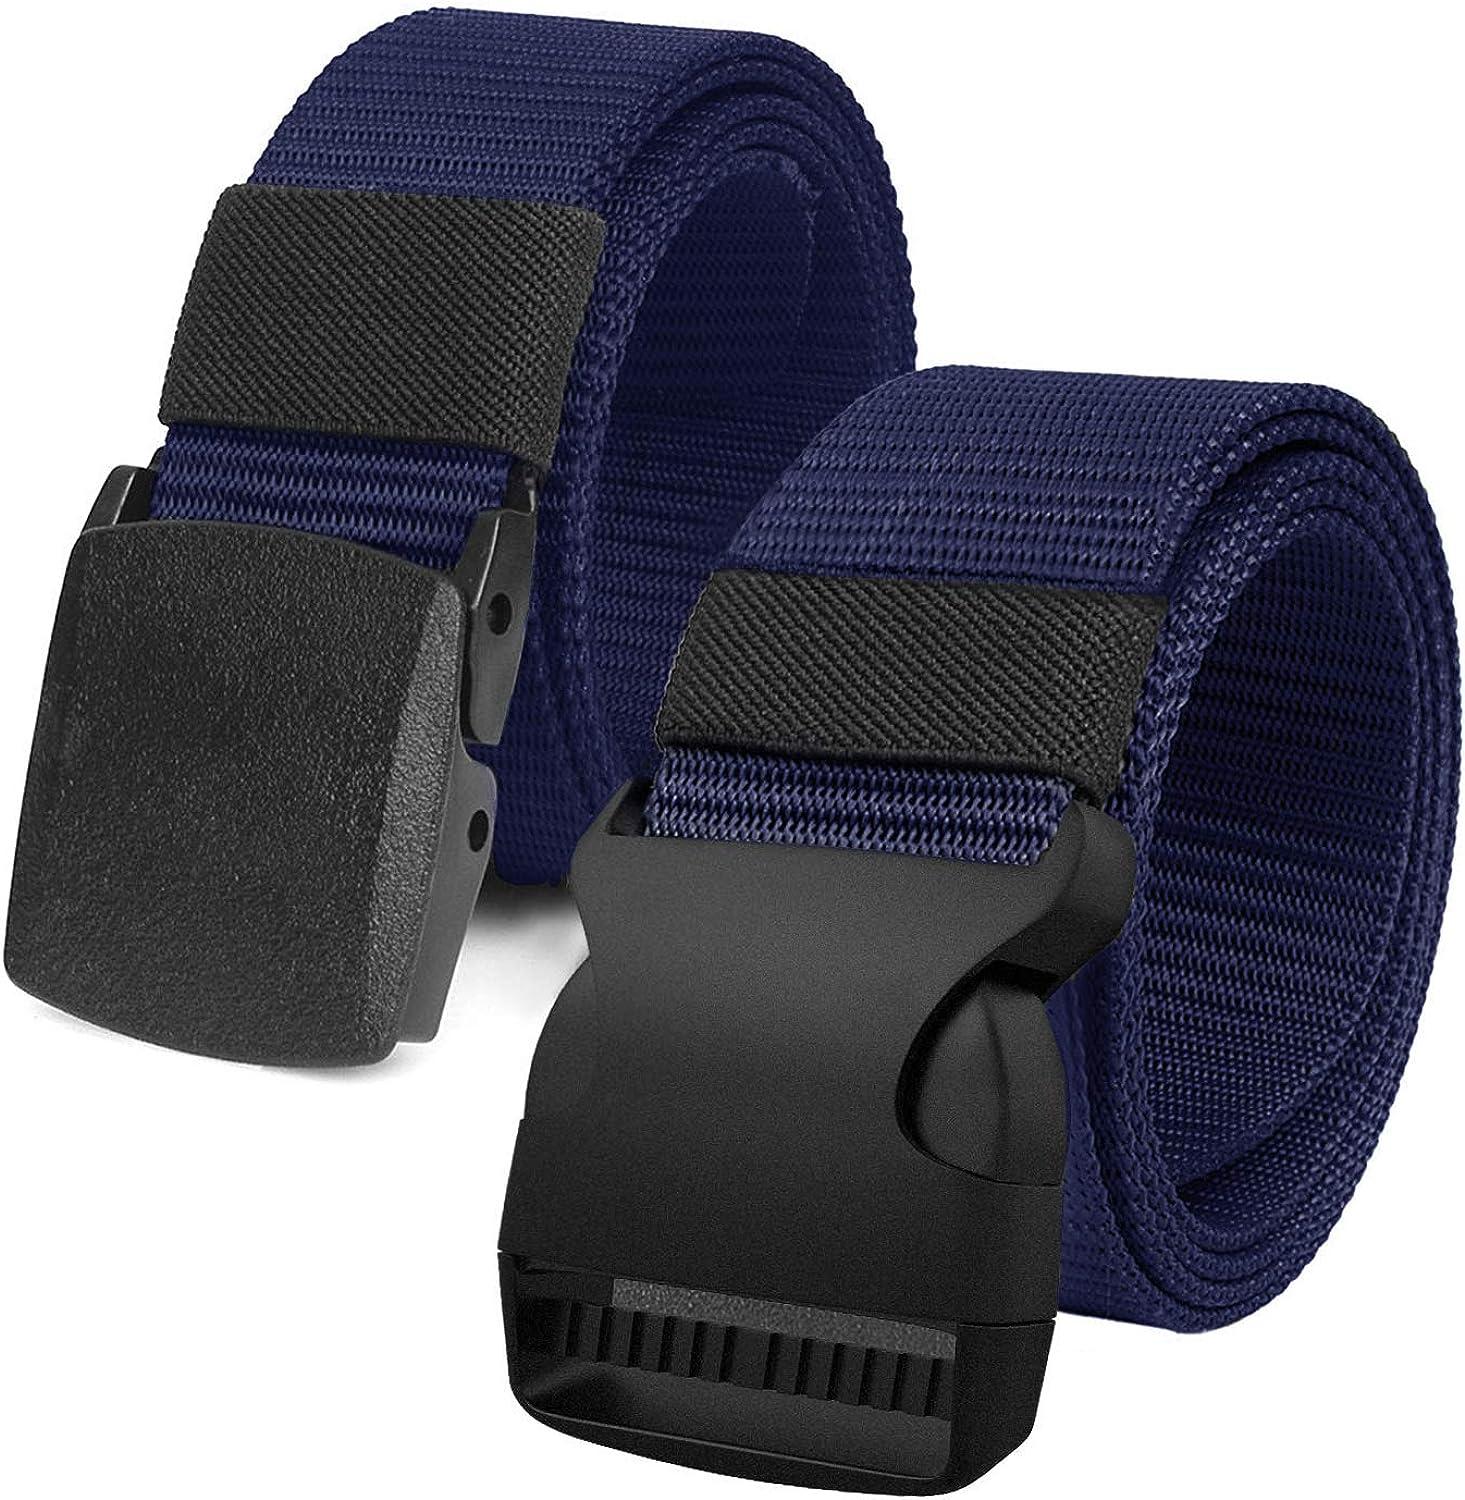 Justay 2 pack Cinture Uomo in Tela in Stile Militare 1.5 Tessuto in Nylon Cintura Uomo con Fibbia